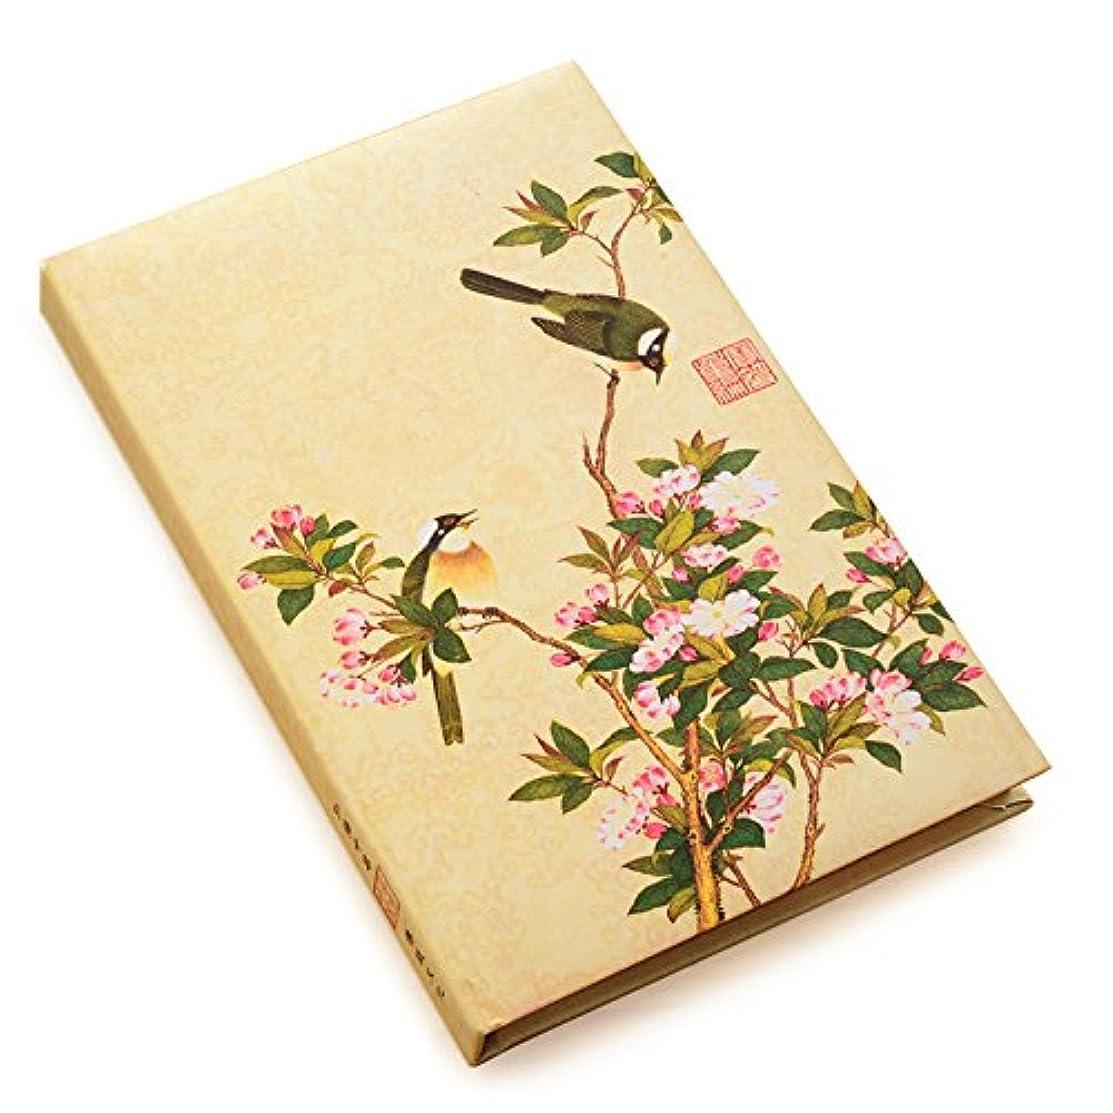 【Deli】 ノート 美しい花 枝にとまる ツバメ 布表紙 A5サイズ [並行輸入品]